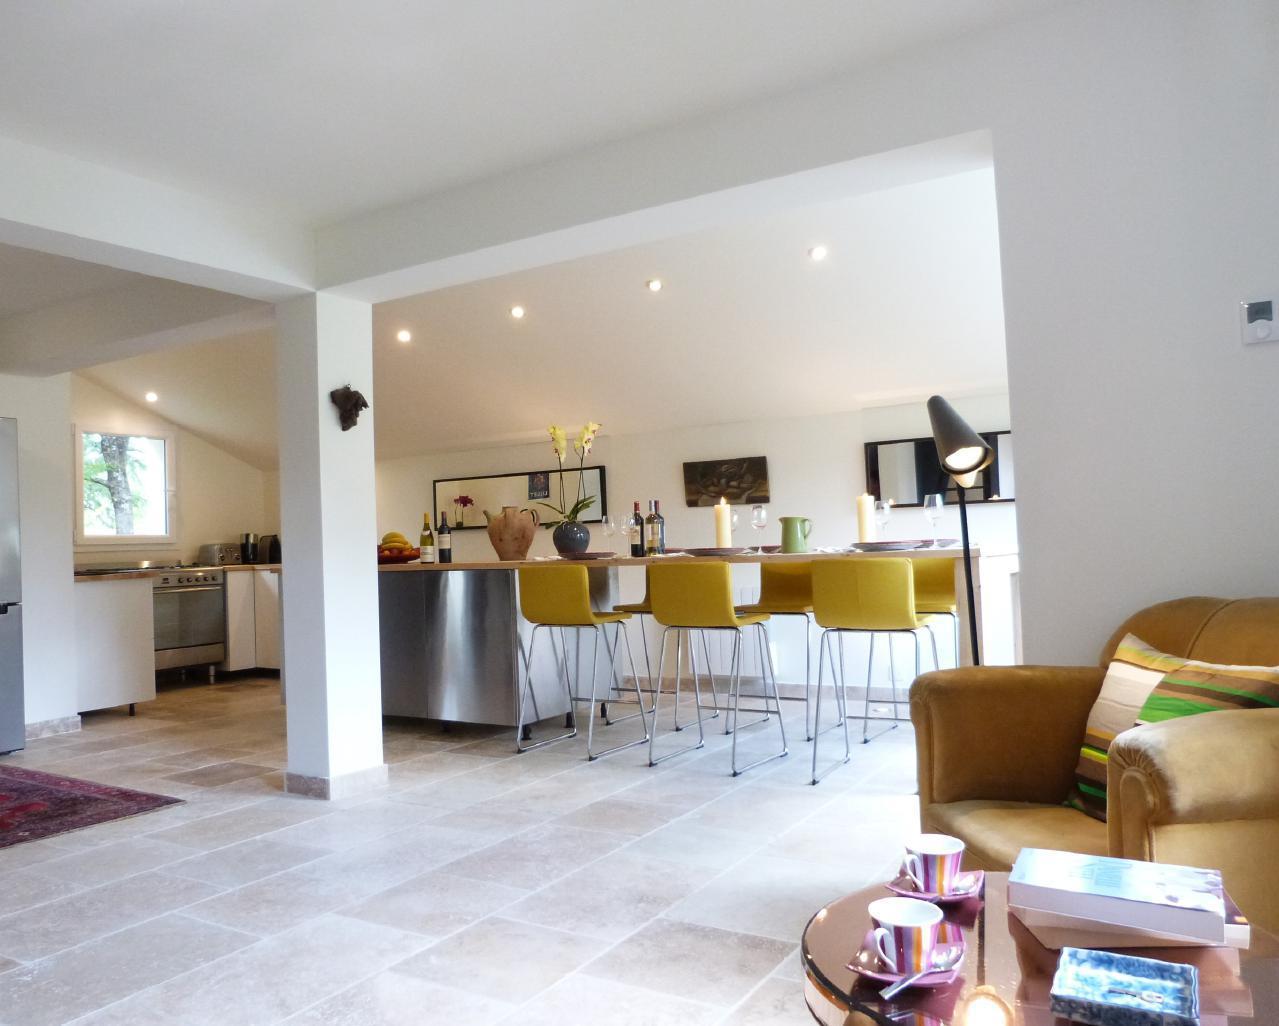 Maison de vacances Exklusives Landhaus mit Top-Küche, beheizter Pool, Naturgarten, unweit von St. Emilion, Bo (1040506), Martillac, Gironde, Aquitaine, France, image 9